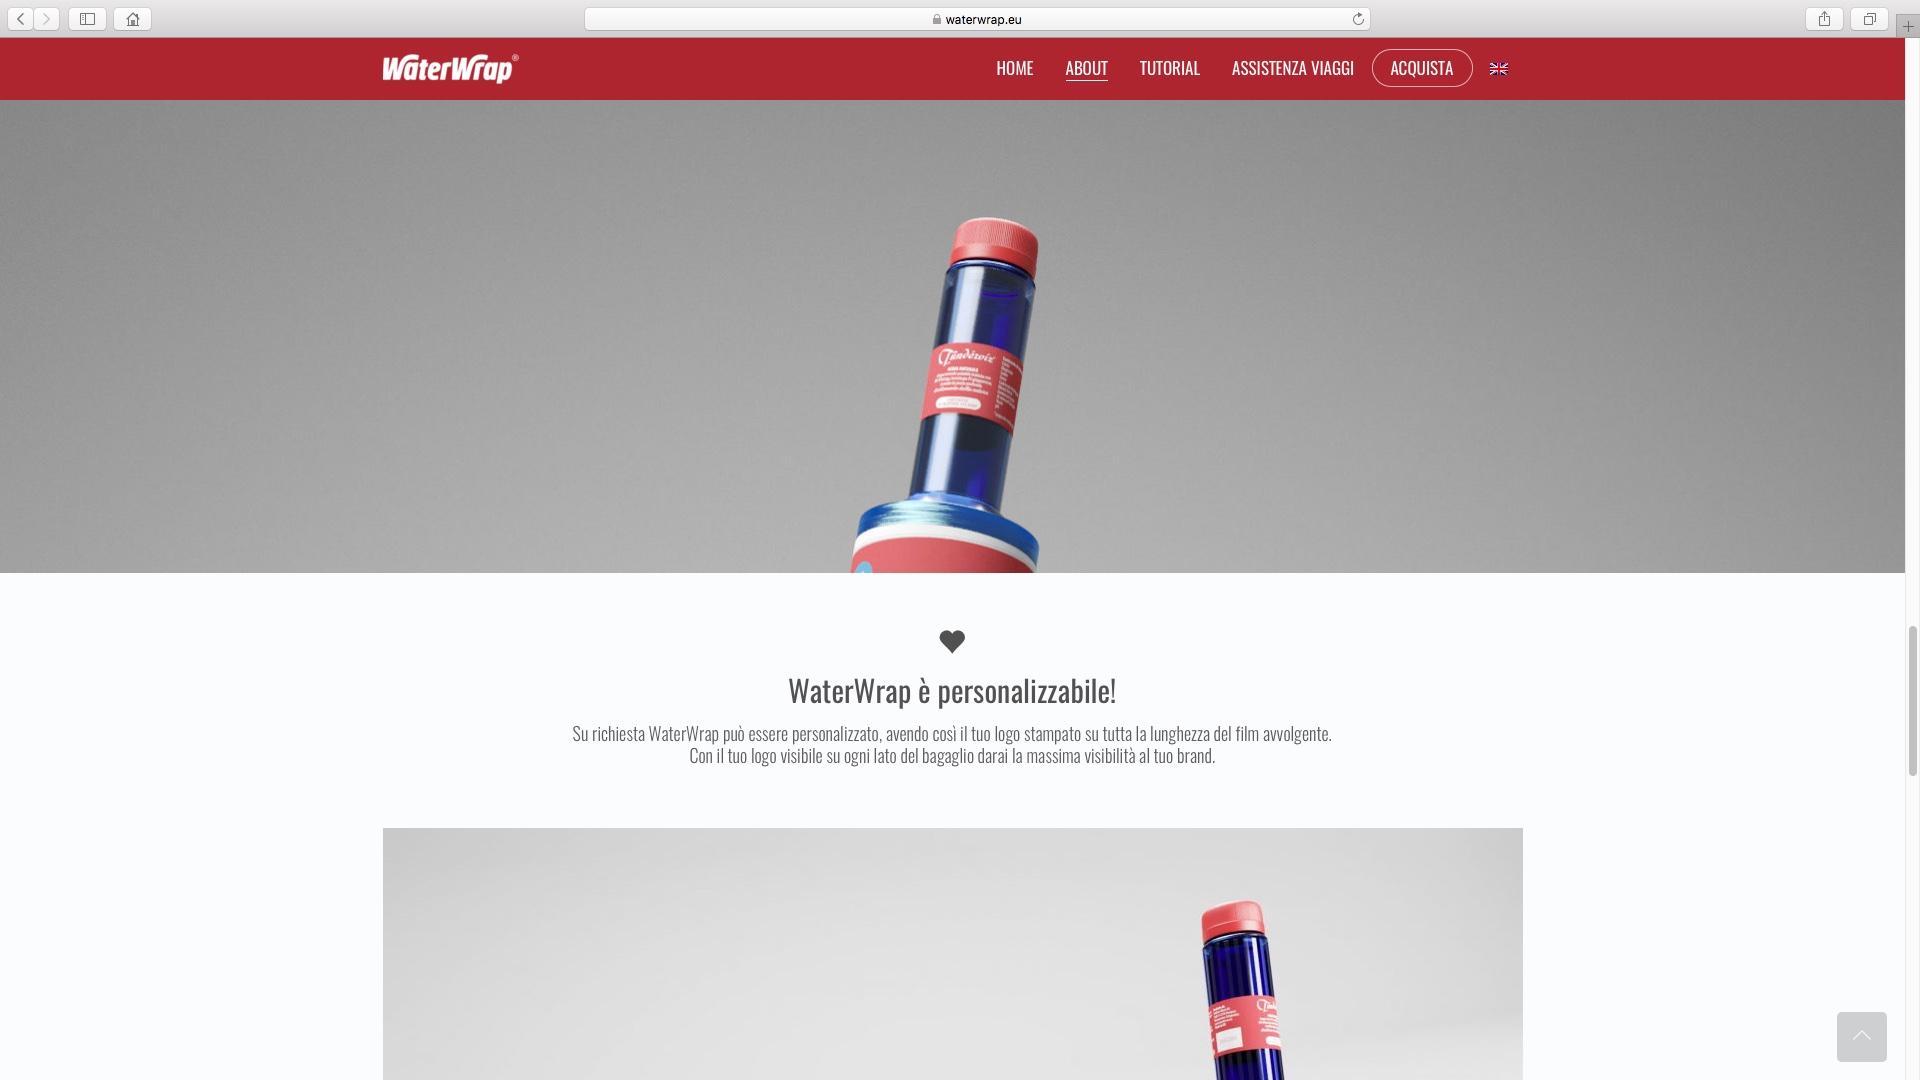 sito-web-lancio-promozione-prodotto-brescia_06